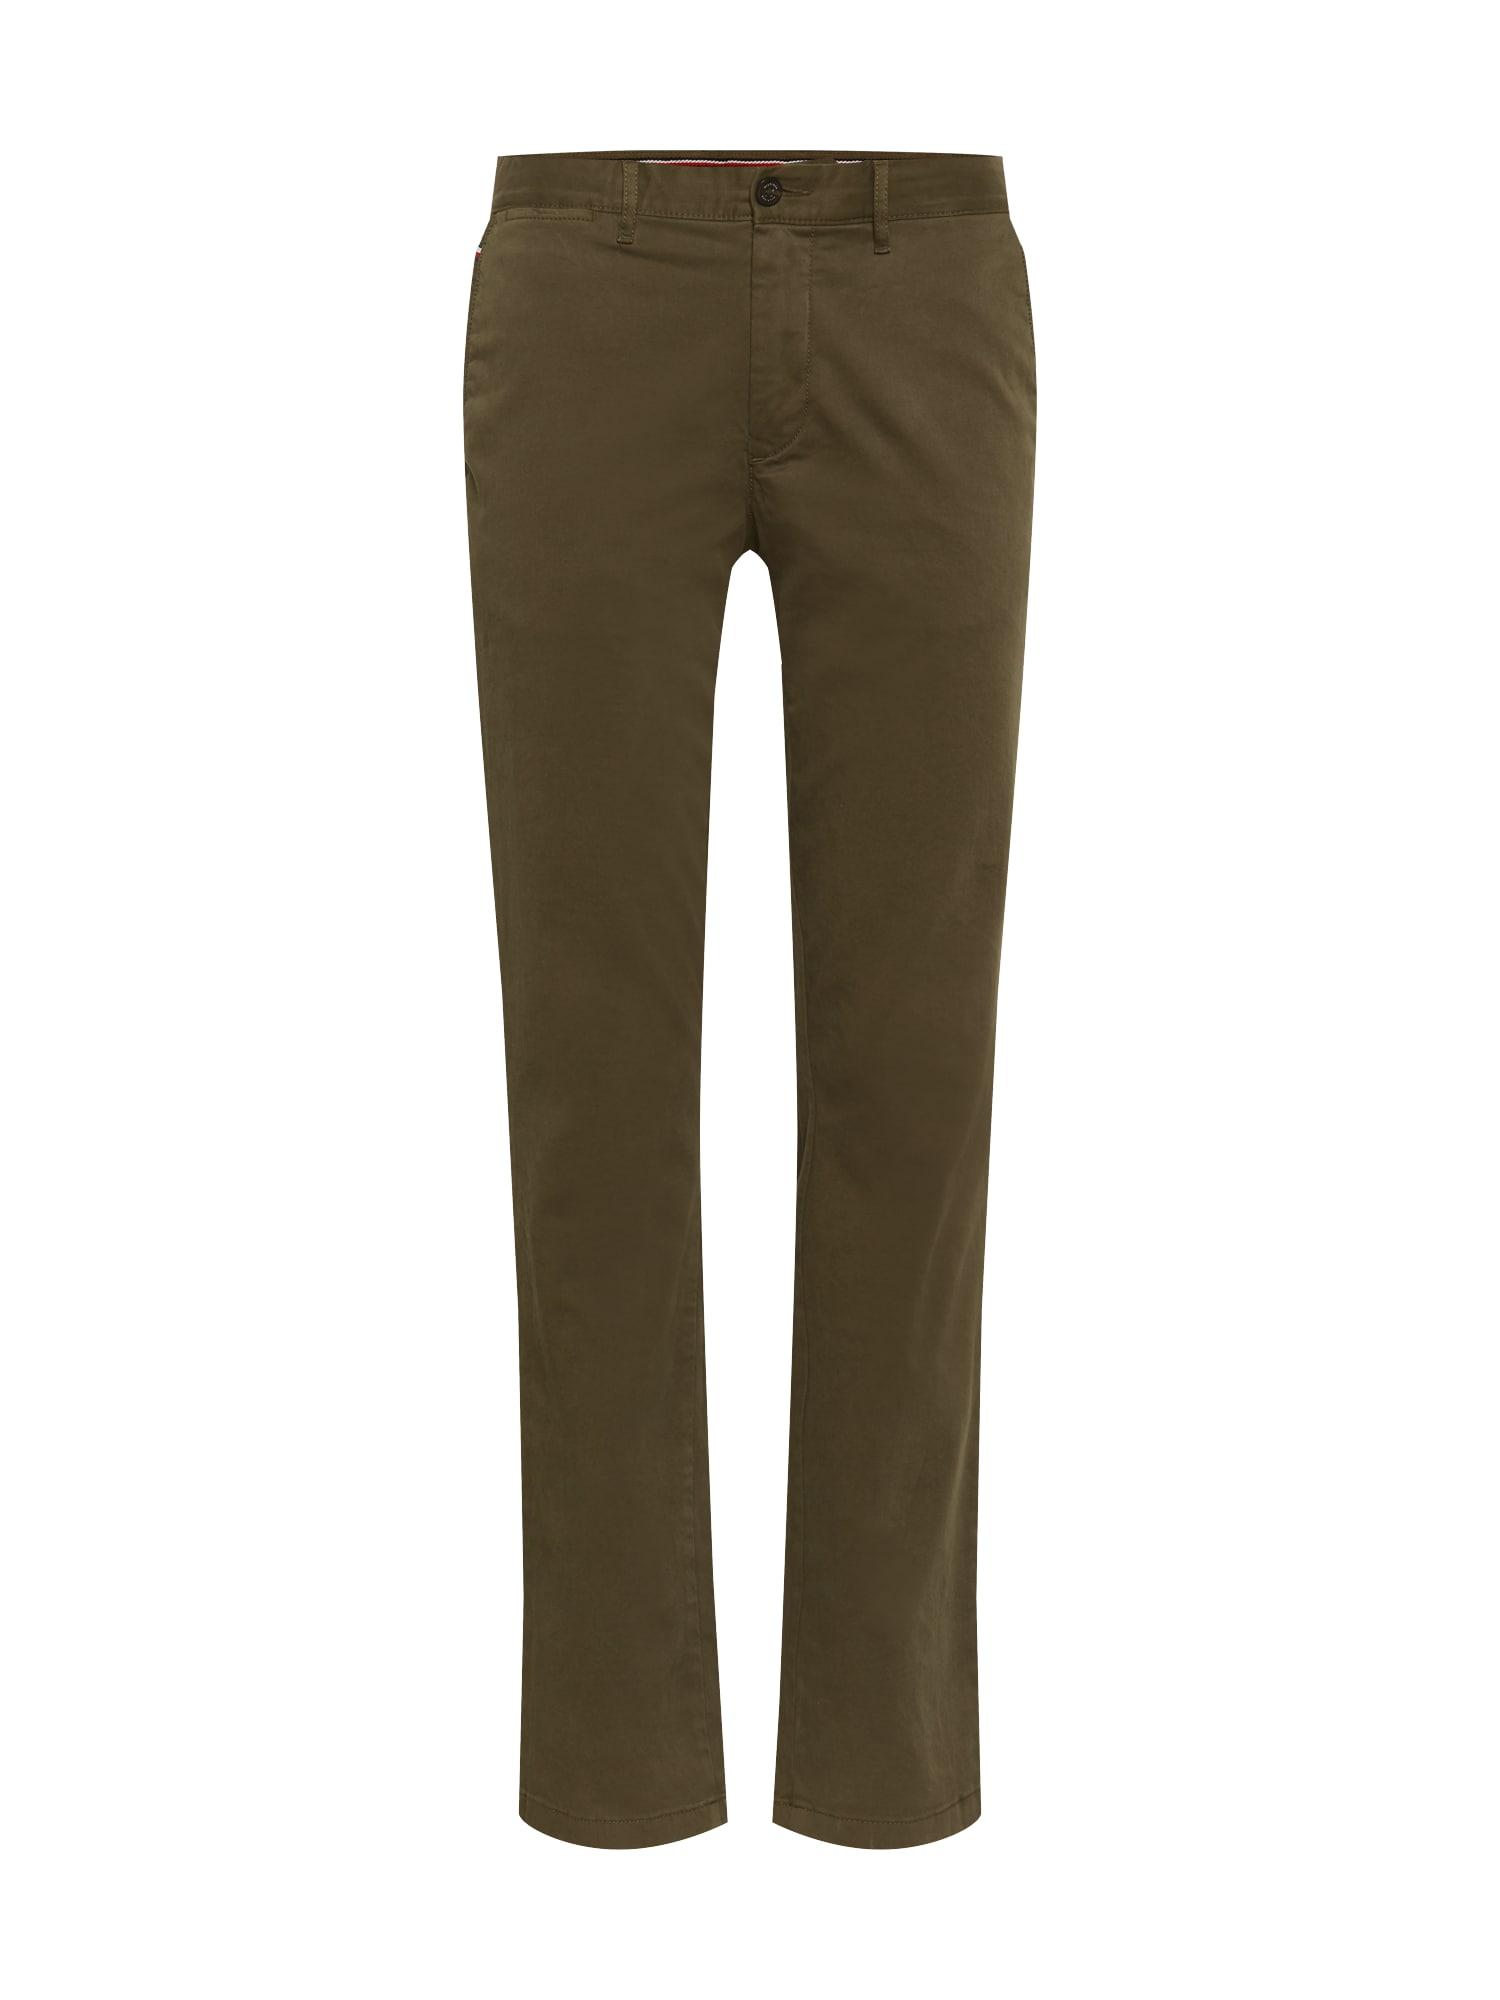 TOMMY HILFIGER Chino kalhoty  olivová / khaki